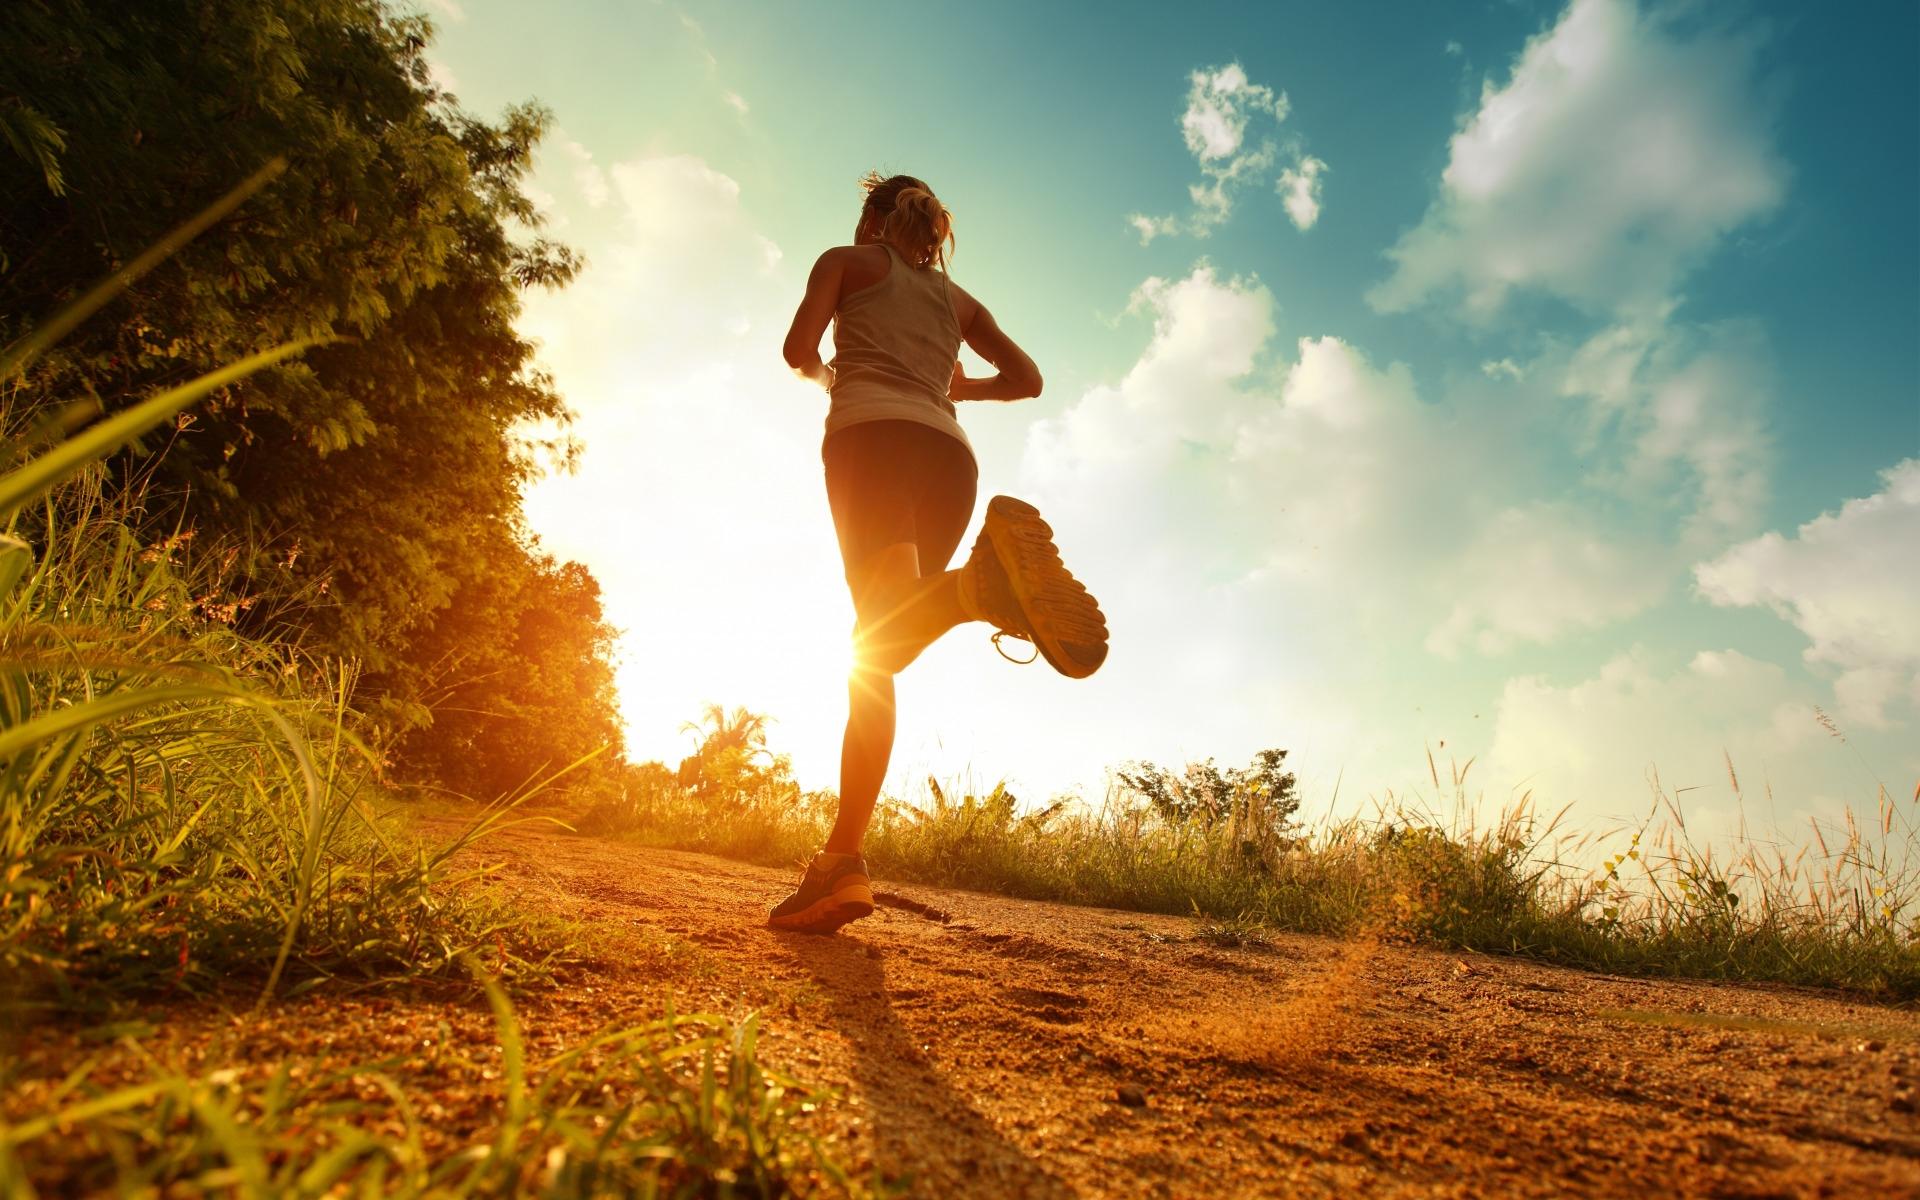 Hacer deporte después de mucho tiempo. Cómo volver a entrenar